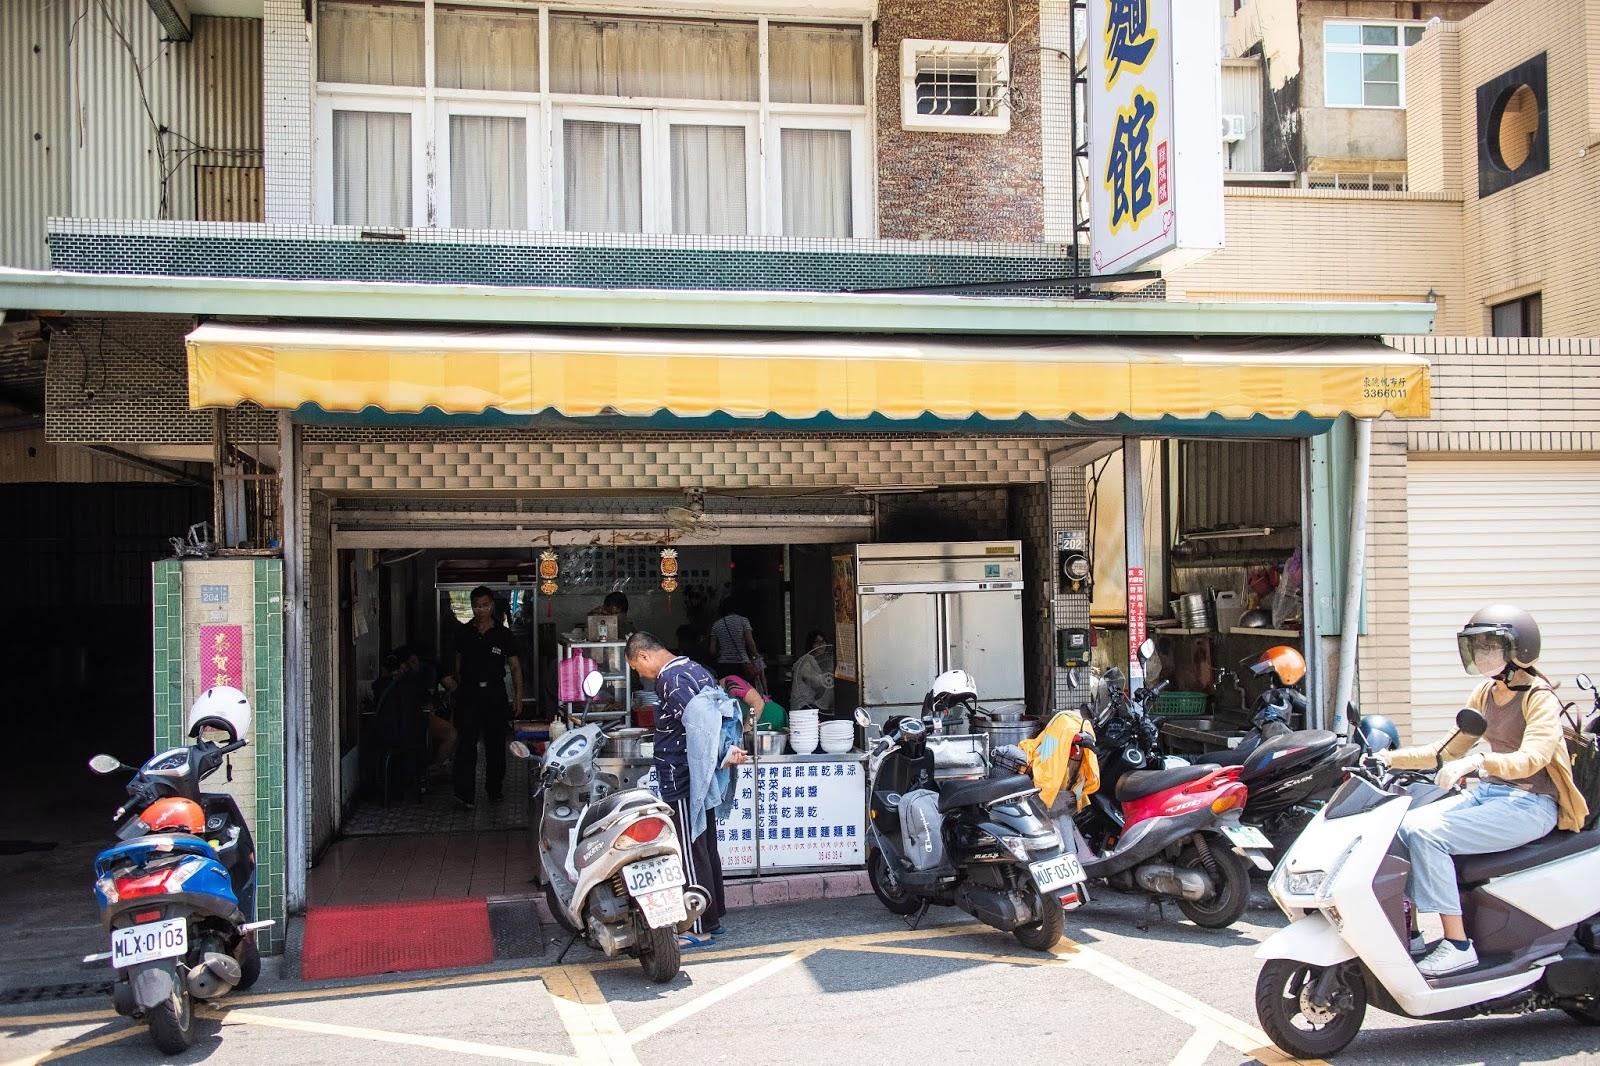 傳承三代的林媽媽麵館,榮譽街超人氣麵店你吃過嗎?